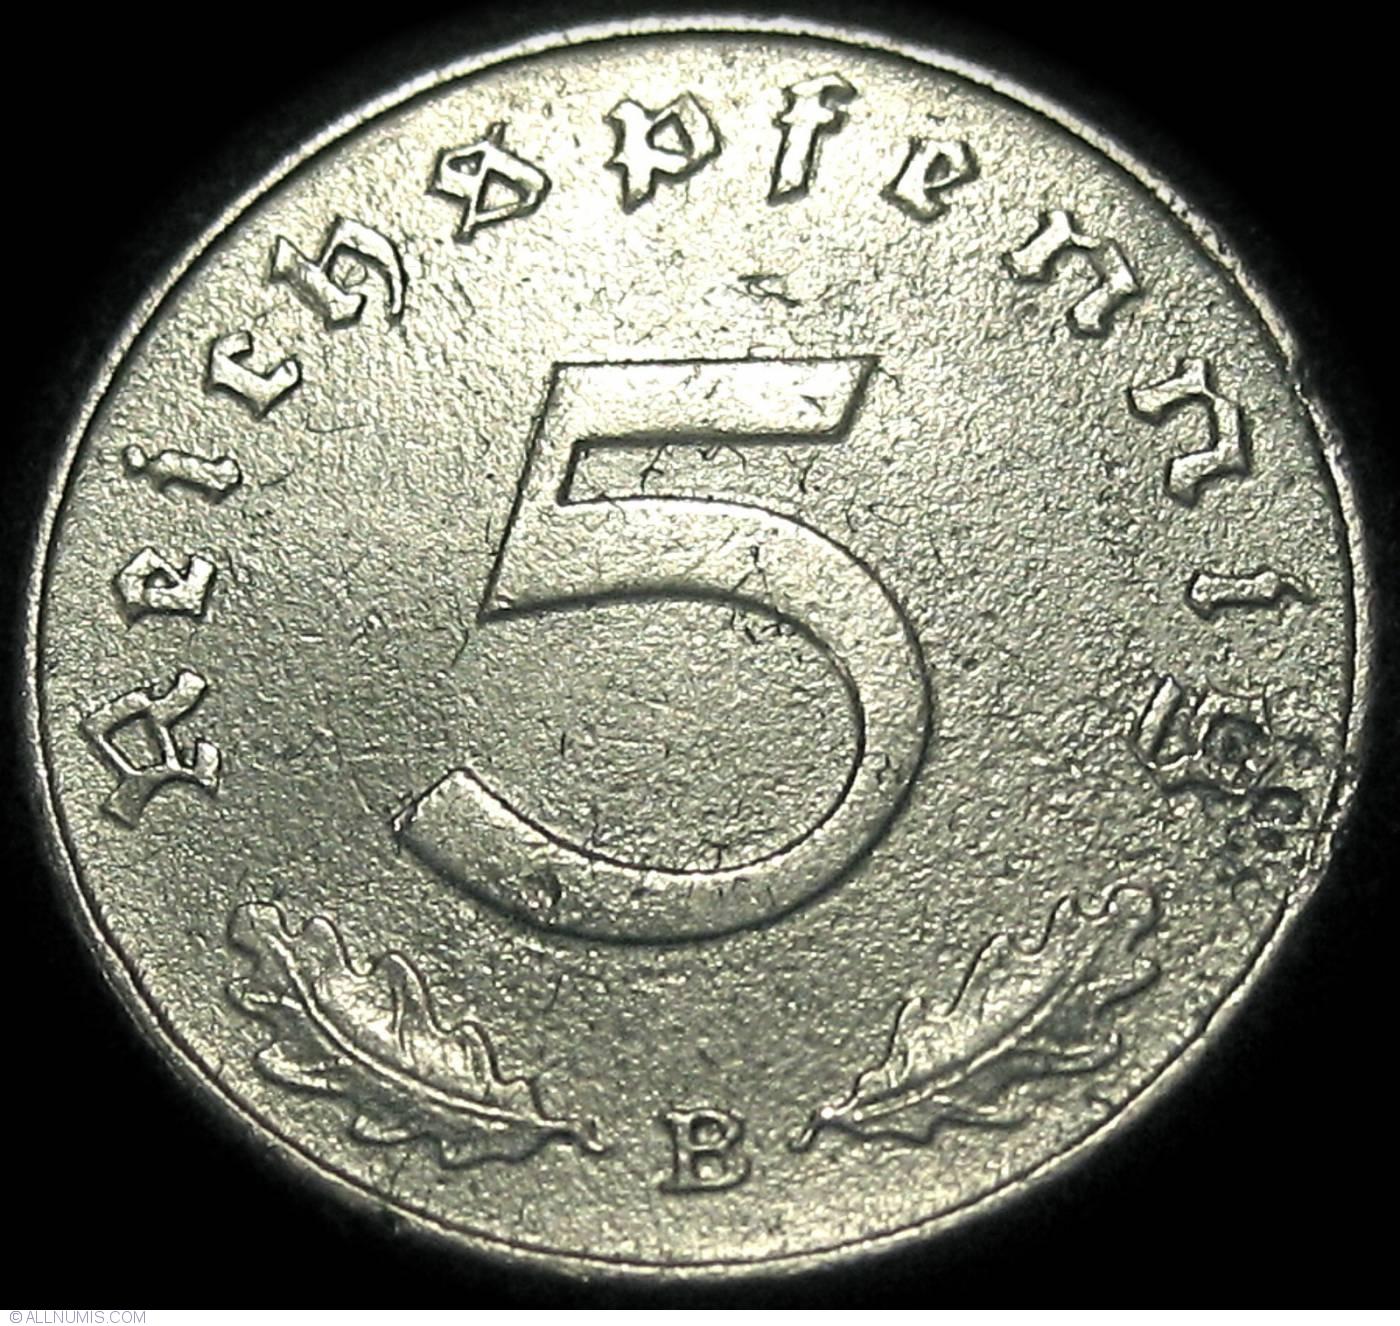 OLD COIN OF THIRD REICH GERMANY 5 REICHSPFENNIG 1938 A BERLIN SWASTIKA